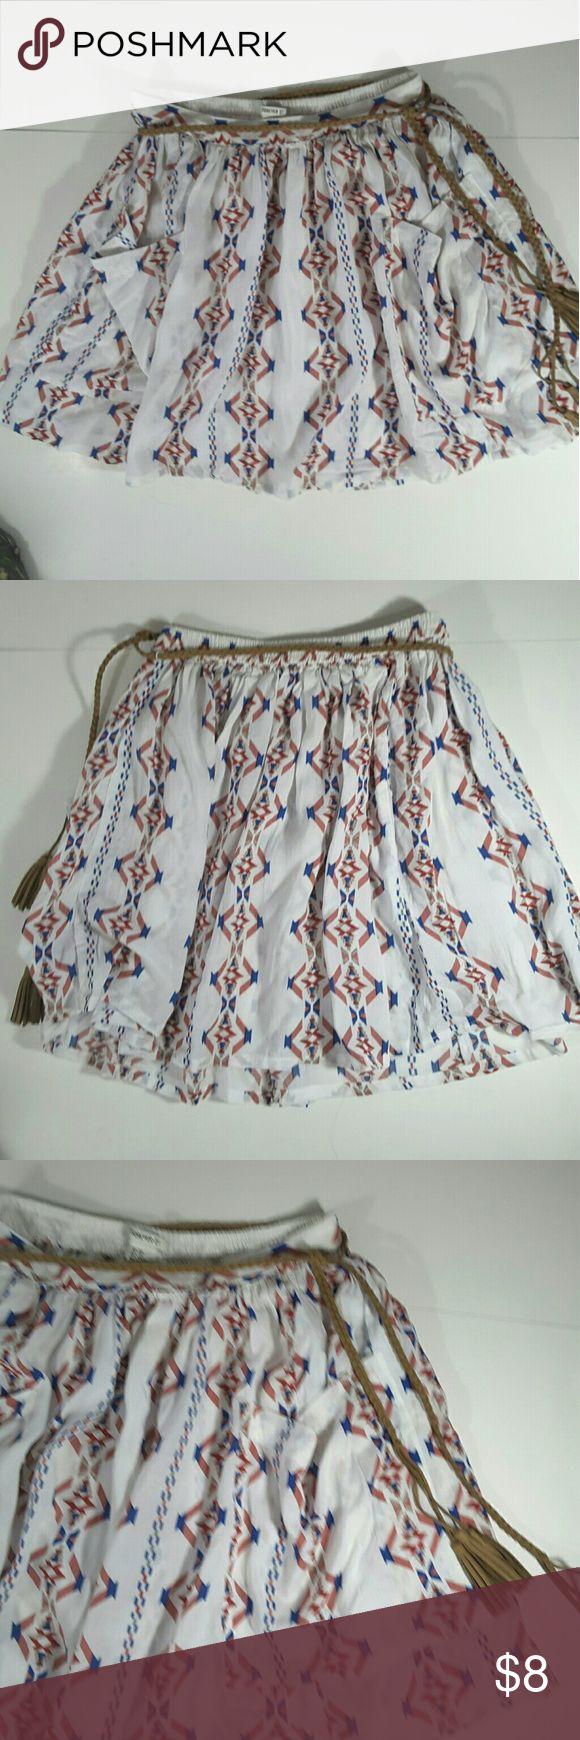 Forever 21 Aztec print skirt Never worn Aztec print skirt vegan swayed belt 2 pockets elastic waist on the back 14 inches long Forever 21 Skirts